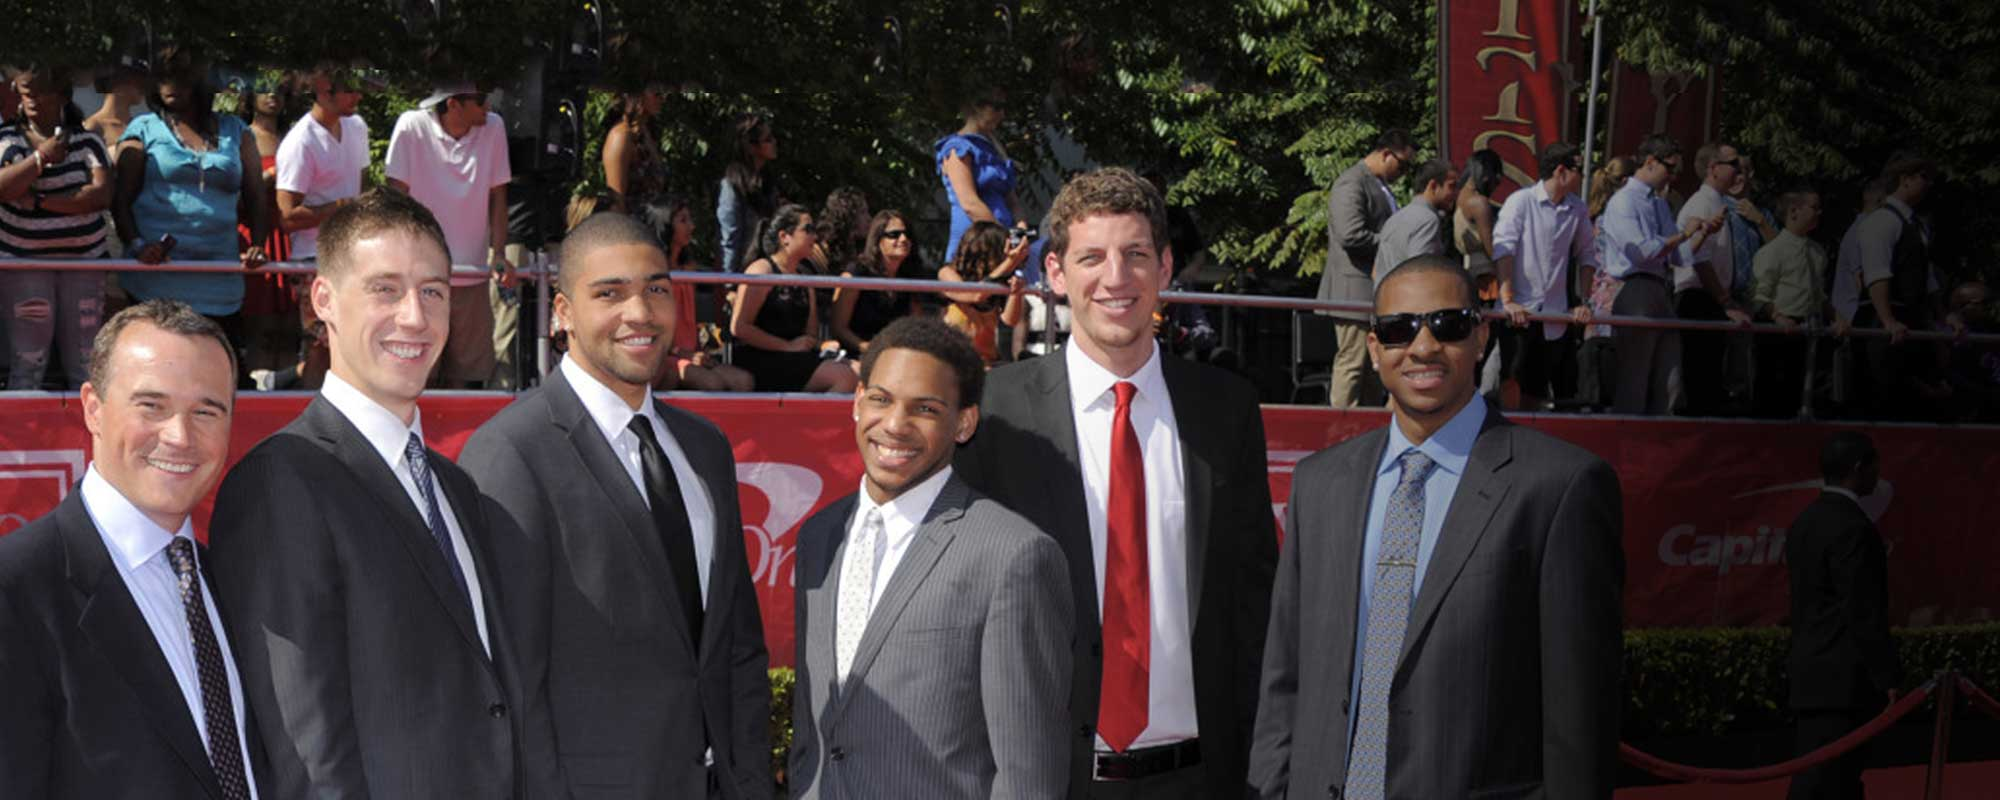 Lehigh basketball team at the ESPY awards